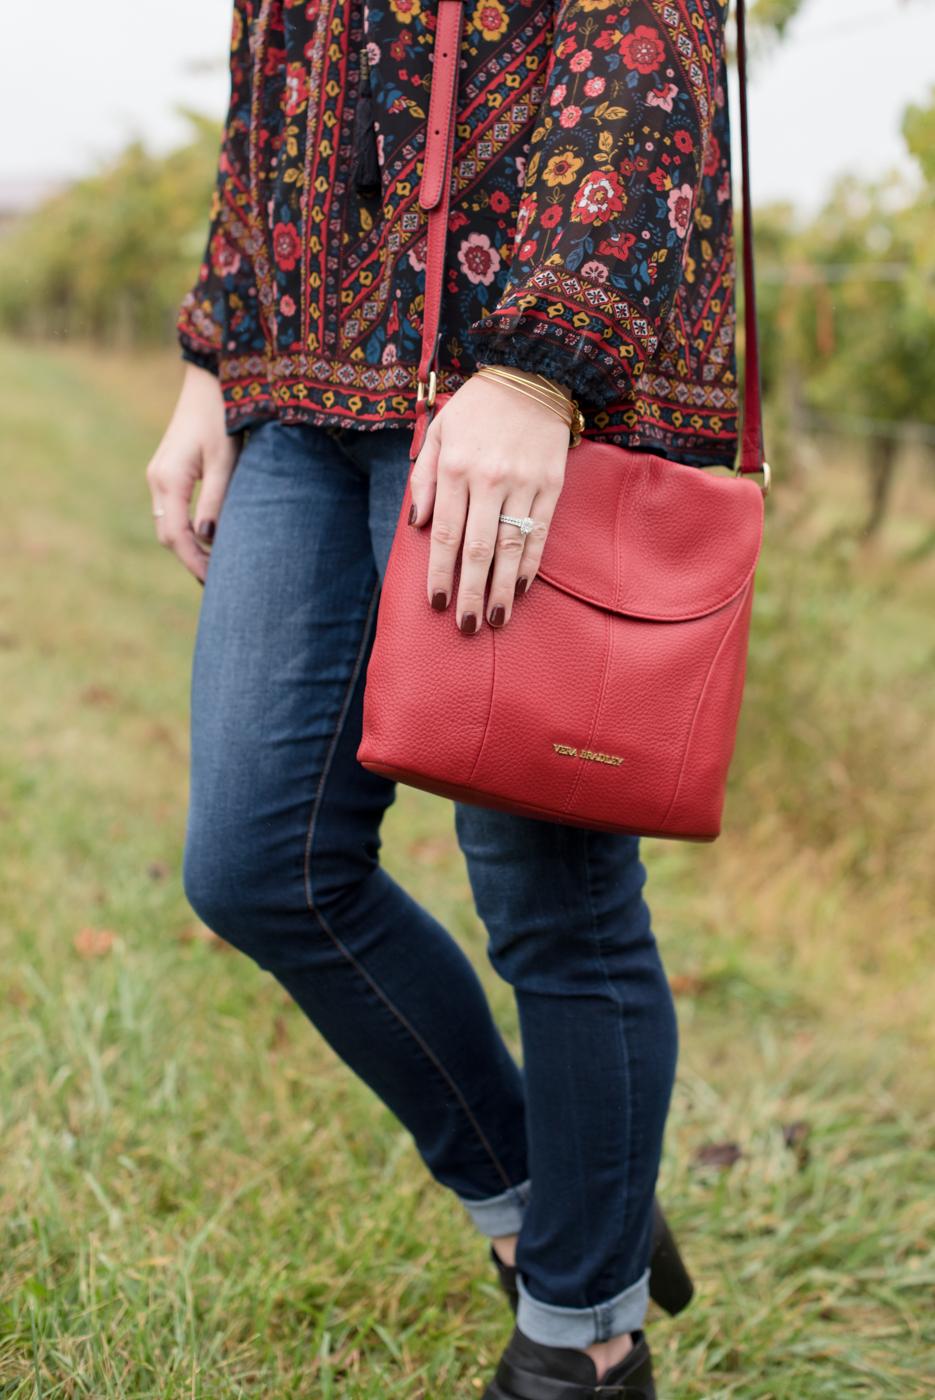 Fall Style, Target Peasant Top, Vera Bradley Crossbody Bag